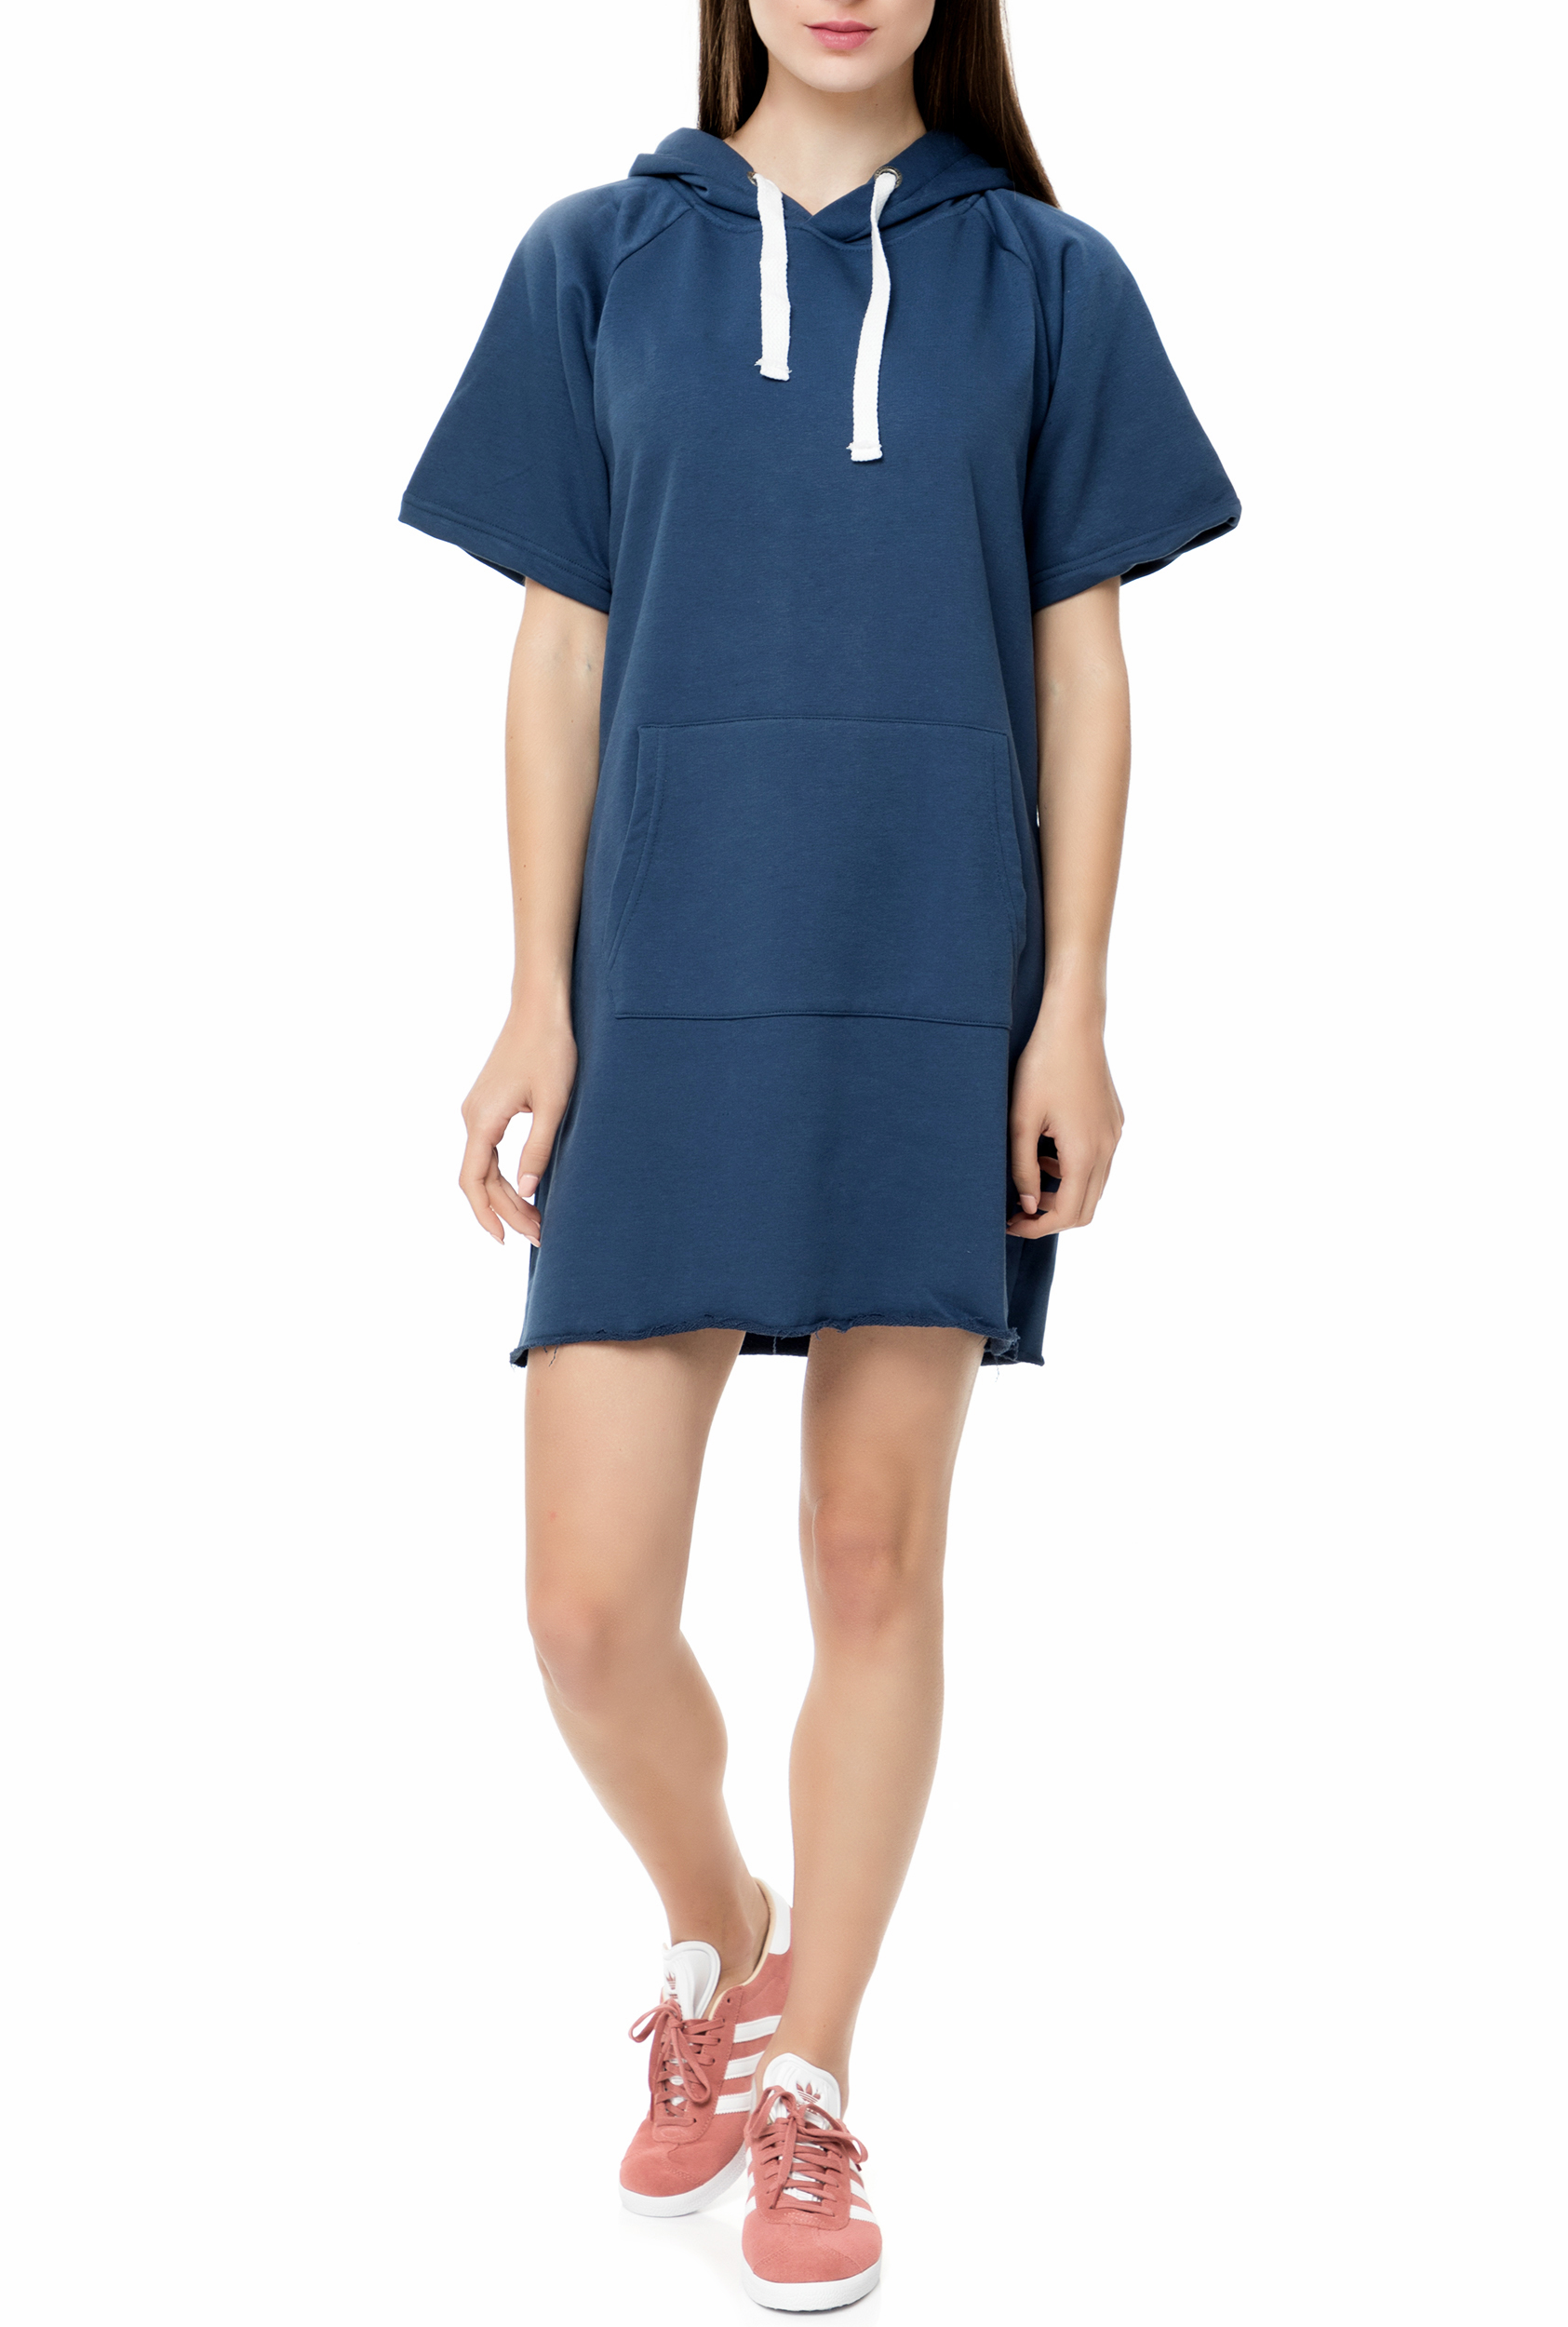 5d11572da694 Factoryoutlet GSA - Γυναικείο μίνι φόρεμα GSA GLORY DRESS HOODIE μπλε